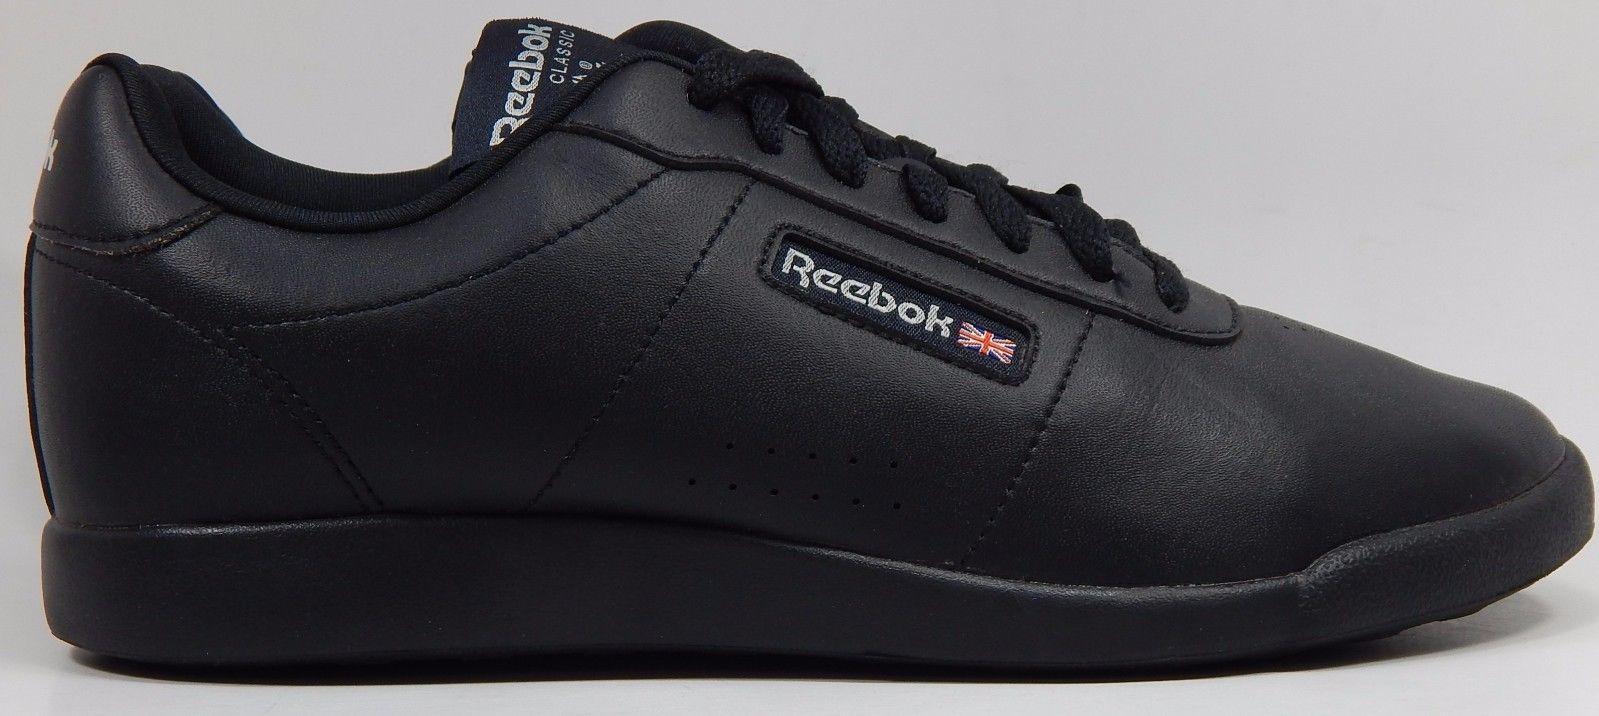 Reebok Princess Lite Memory Tech Women's Shoes Size US 7 M (B) EU 37.5 AR1266